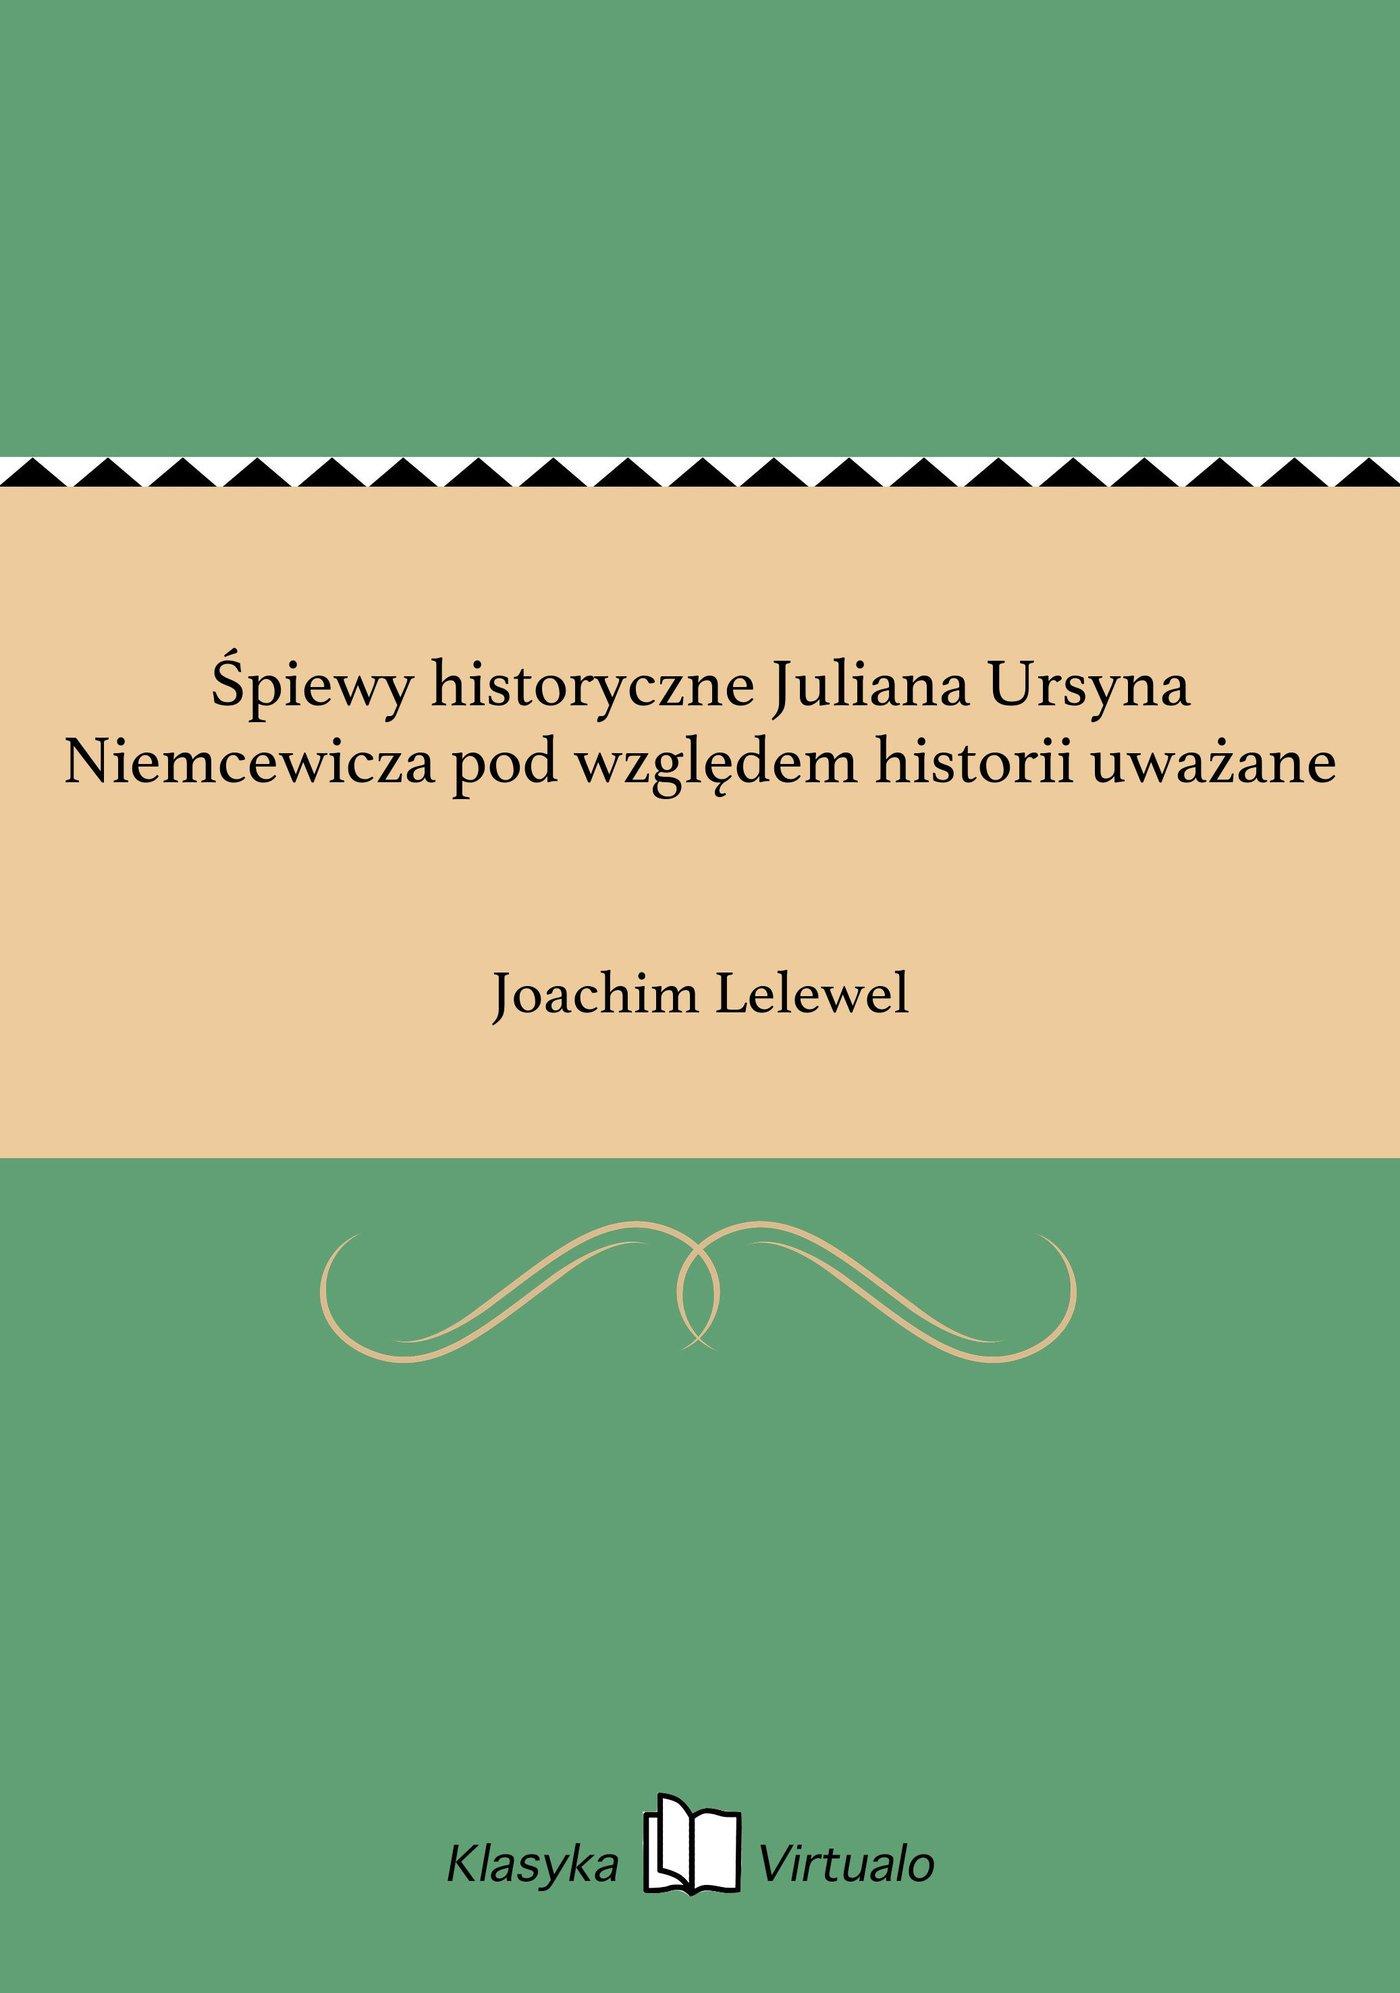 Śpiewy historyczne Juliana Ursyna Niemcewicza pod względem historii uważane - Ebook (Książka EPUB) do pobrania w formacie EPUB